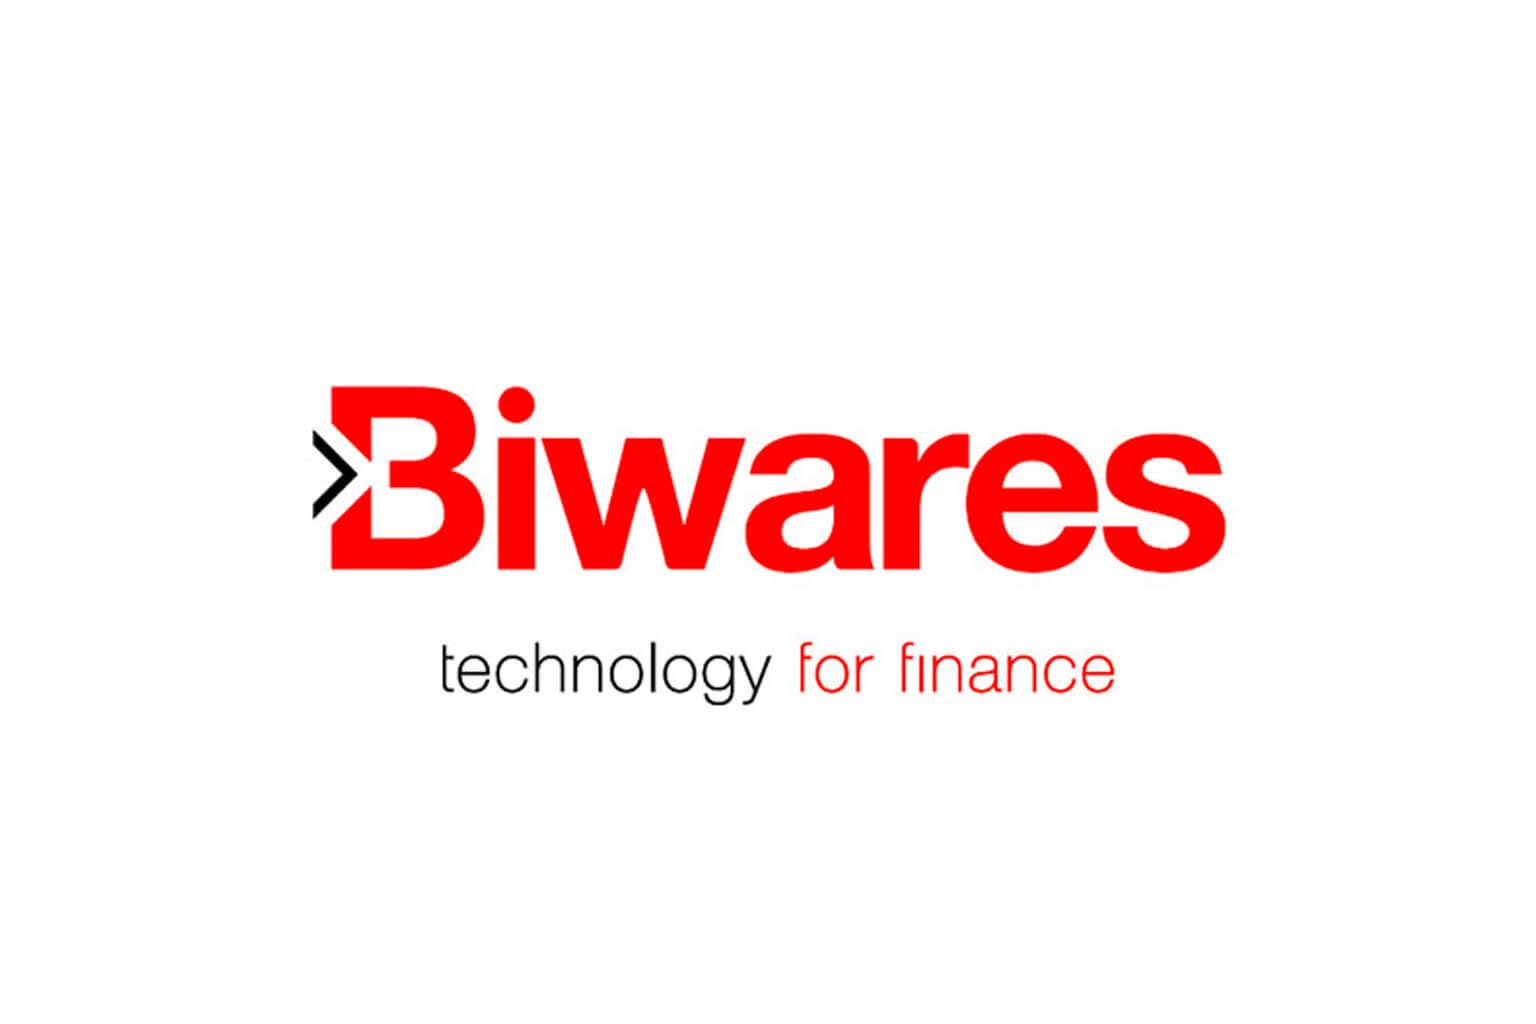 Biwares